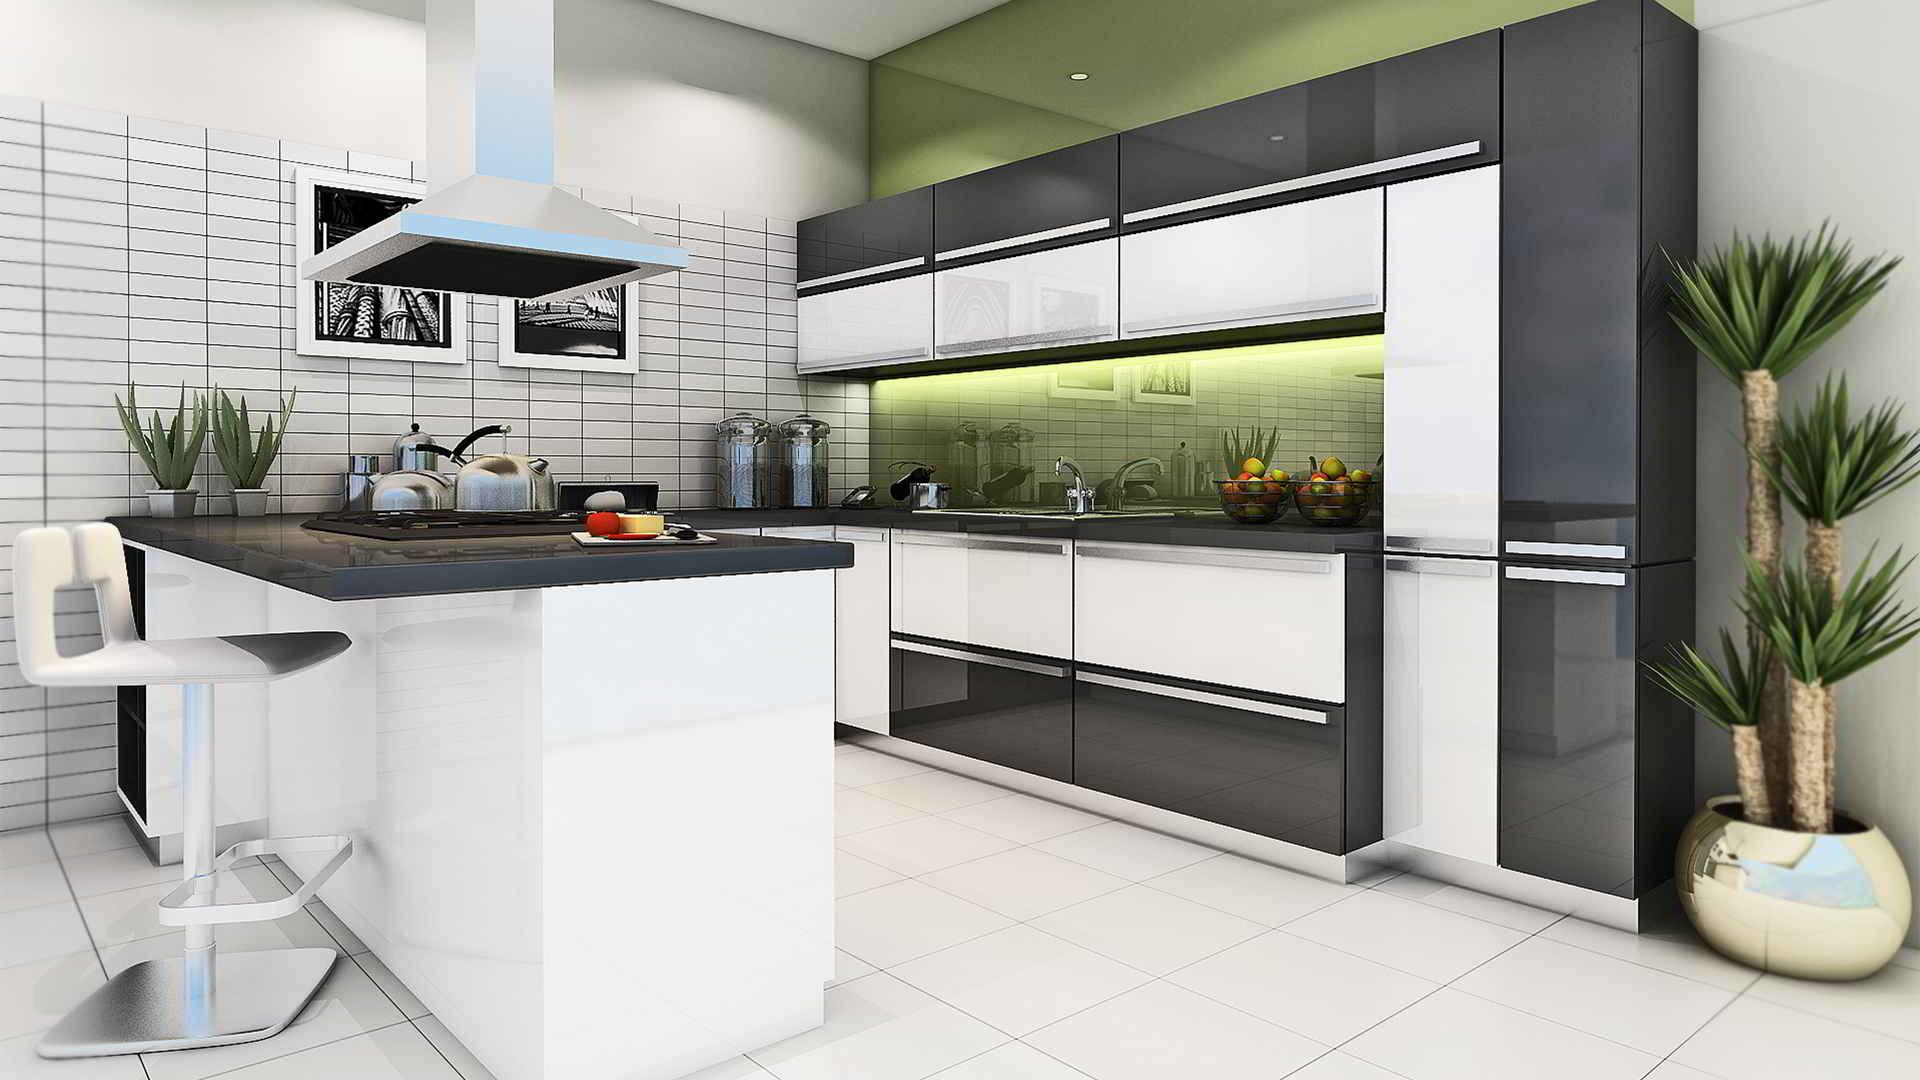 L Shaped Modular Kitchen Design Images